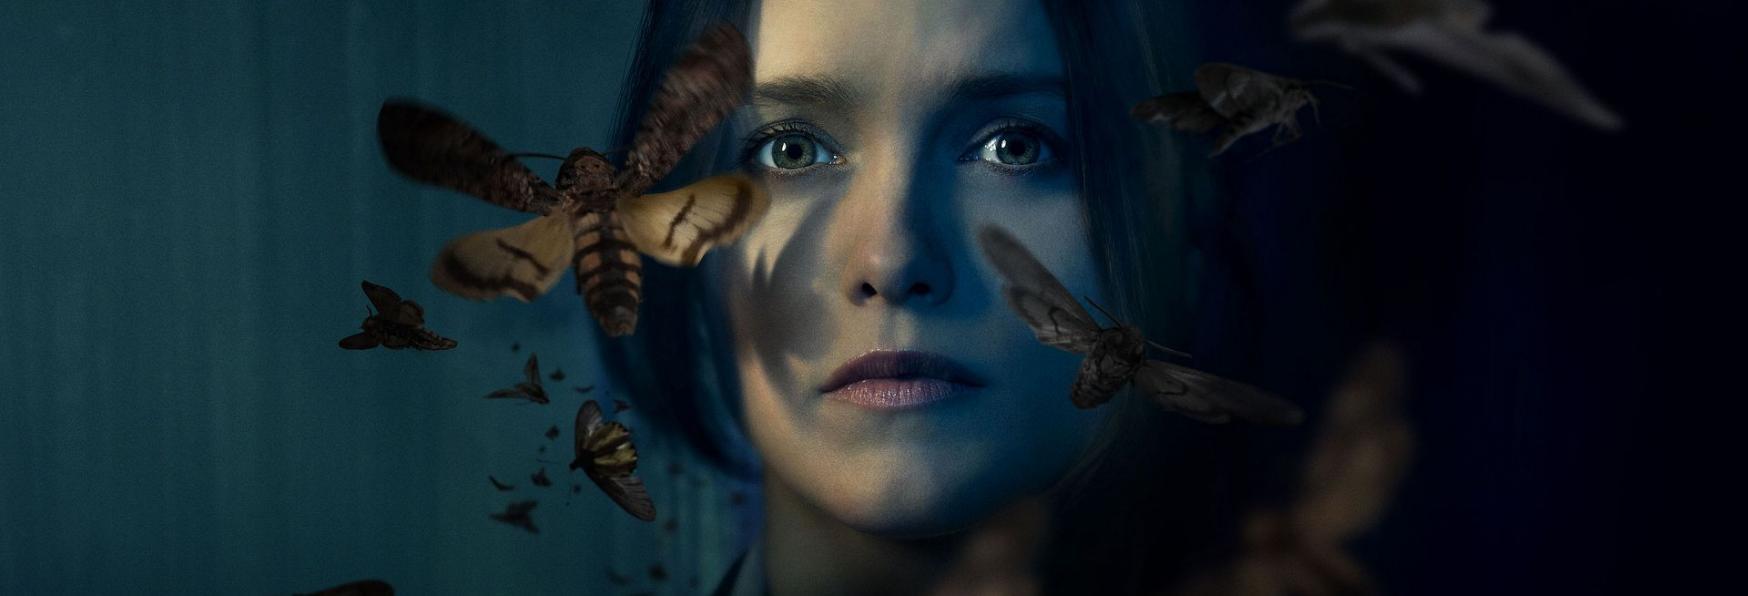 Clarice: Trama, Cast, Curiosità e Trailer della Serie TV Sequel de Il Silenzio degli Innocenti